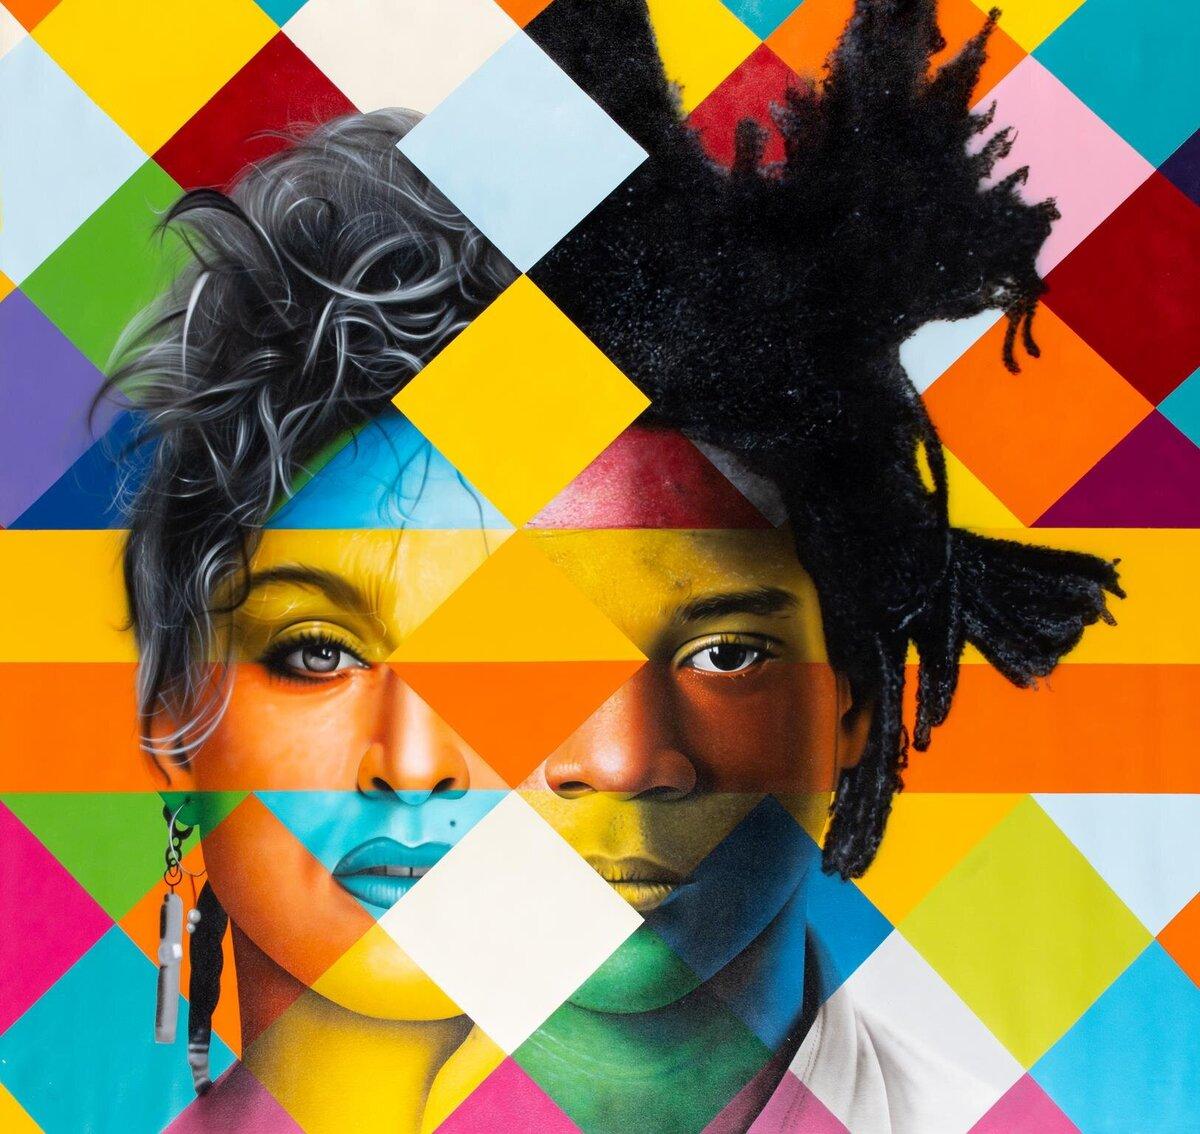 Madonna & Basquiat, 2020